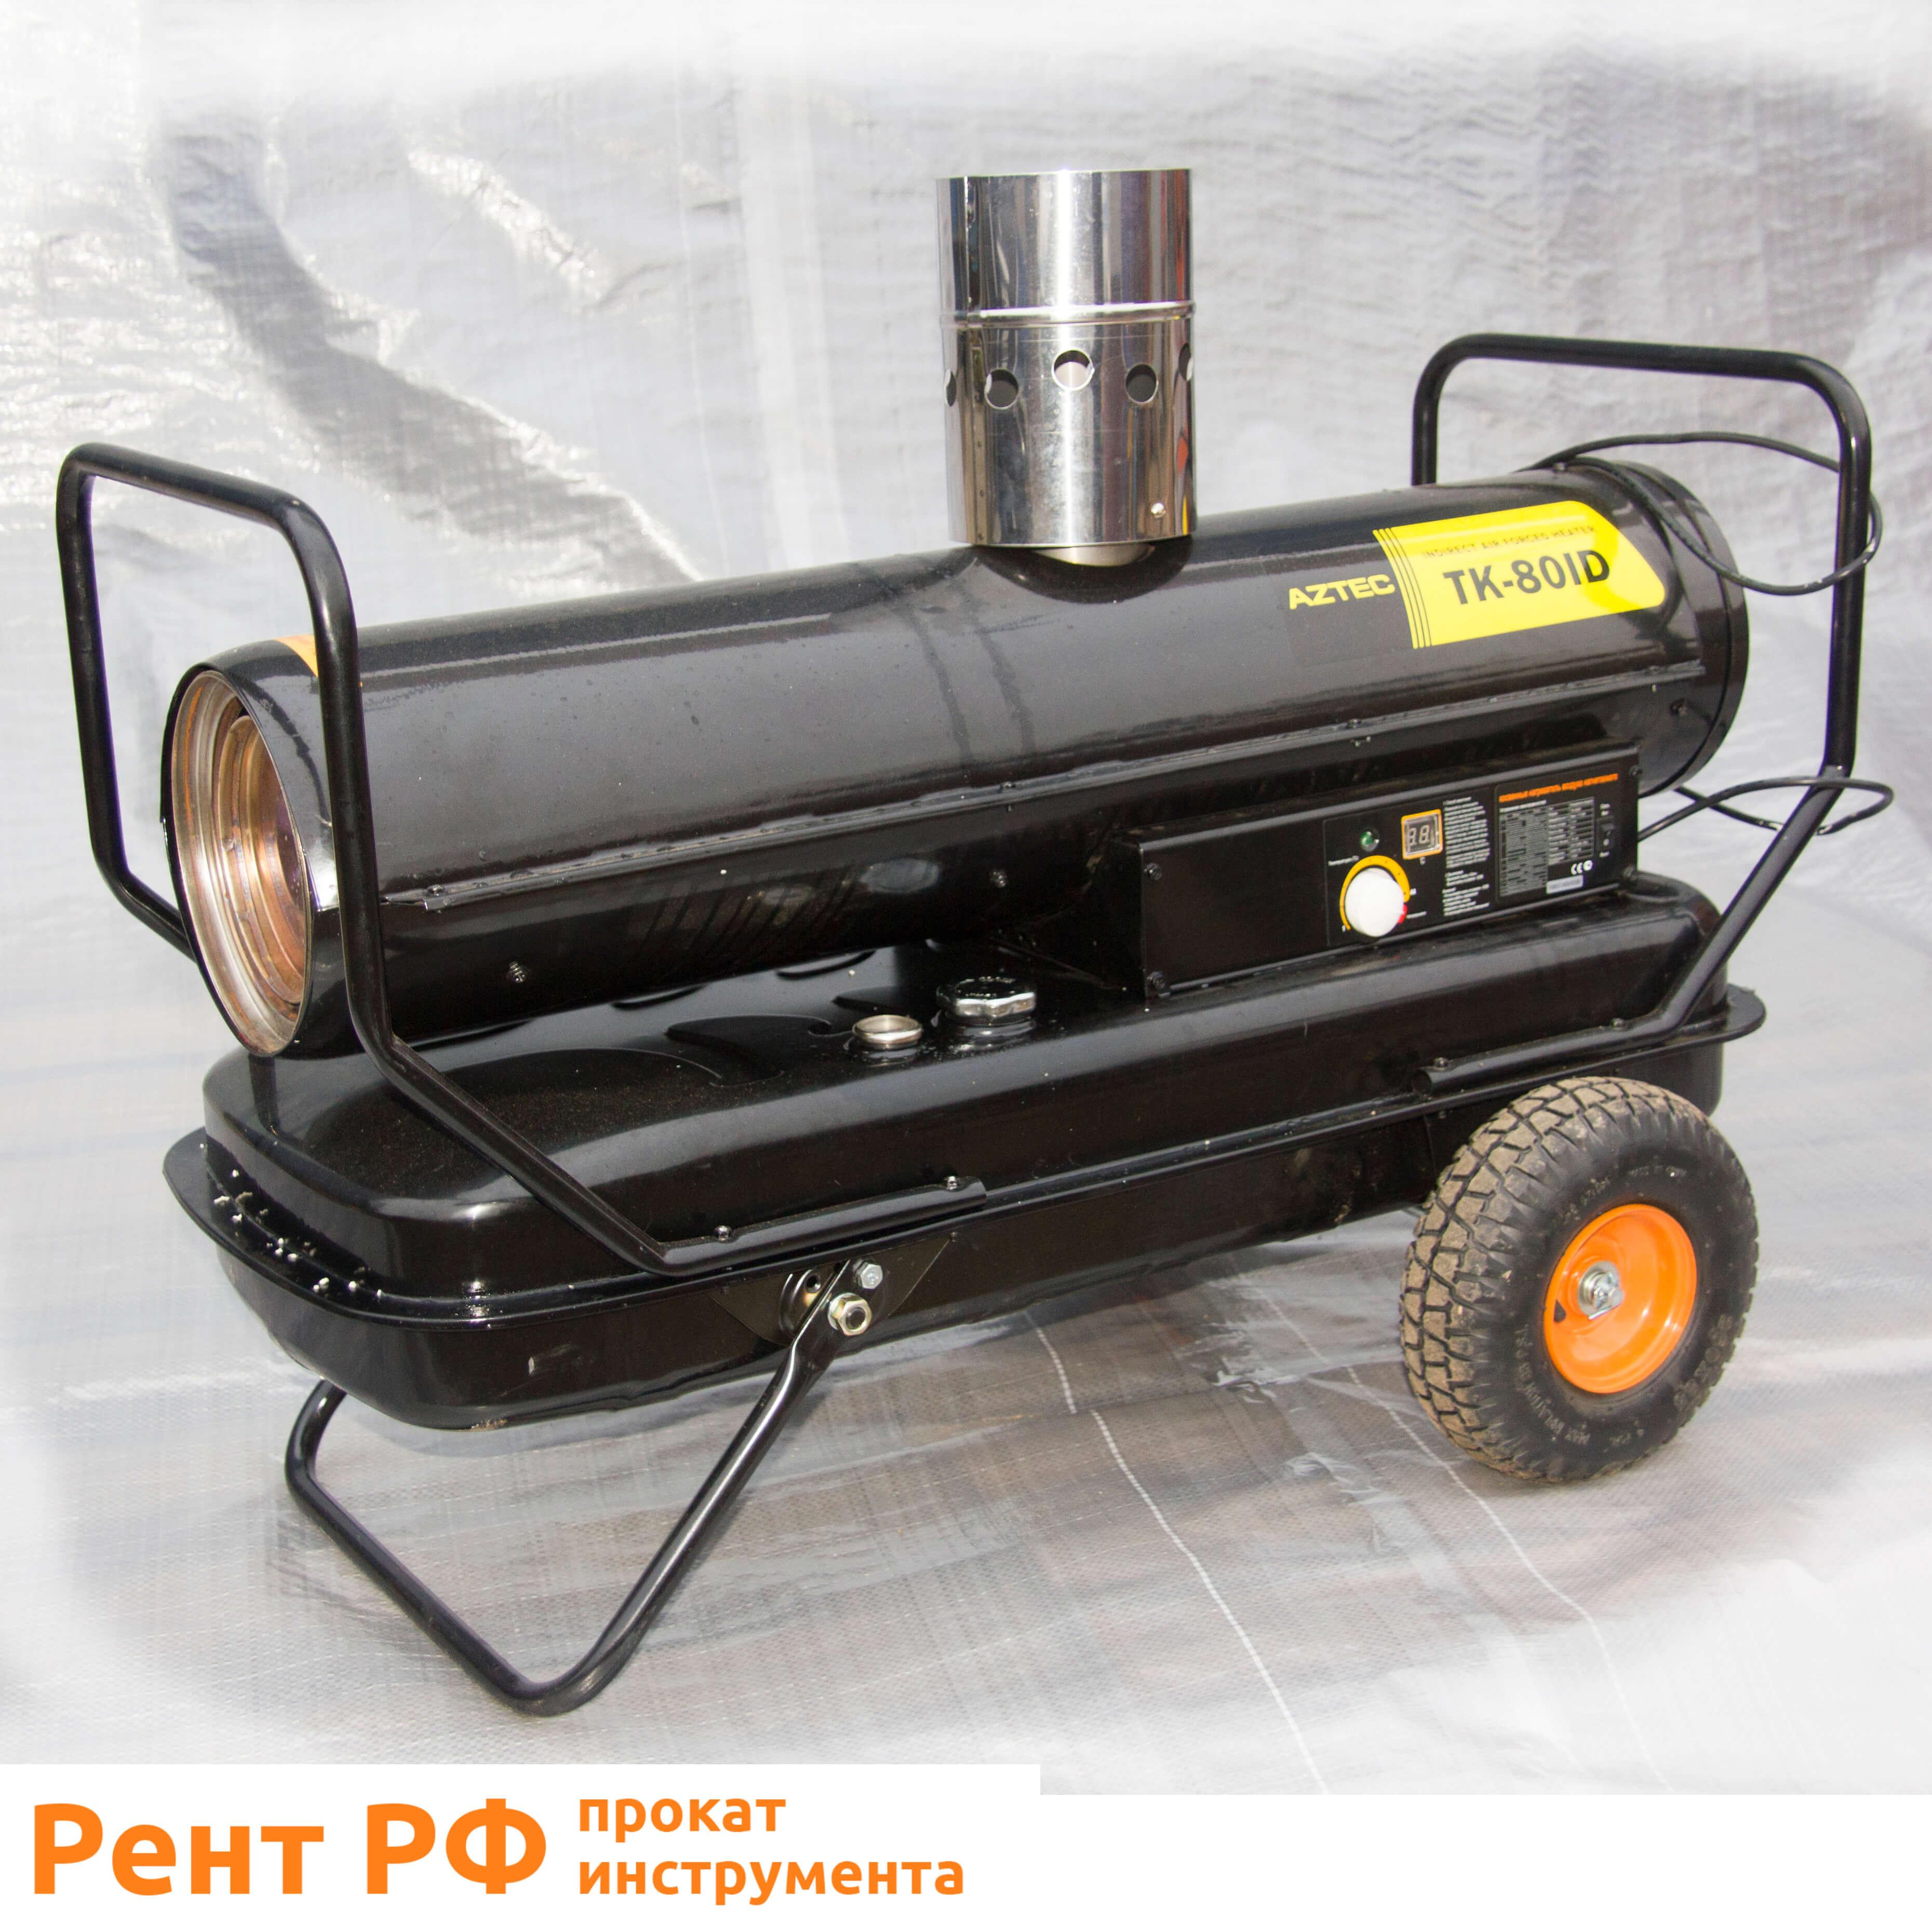 Дым-пушка для обработки пчел от клеща - инструкция 2